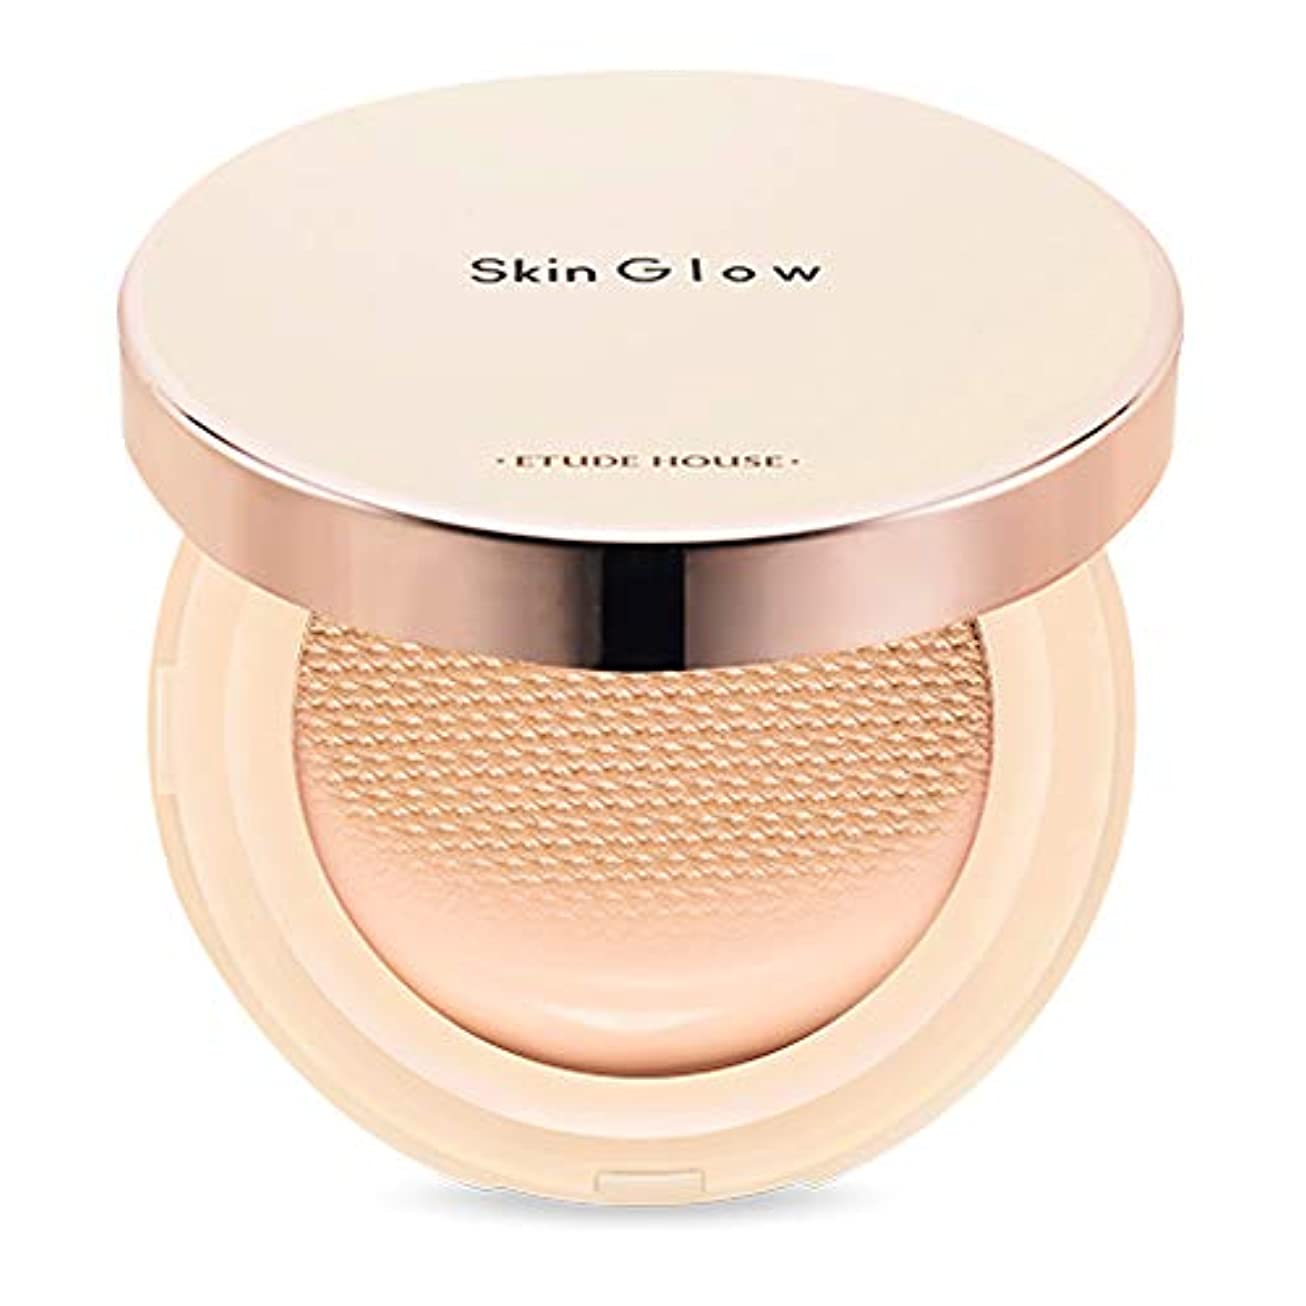 制限された口頭終了するEtude House Skin Glow Essence Cushion SPF50+/PA++++ エチュードハウス スキン グロー エッセンス クッション (# N04 Neutral Beige) [並行輸入品]